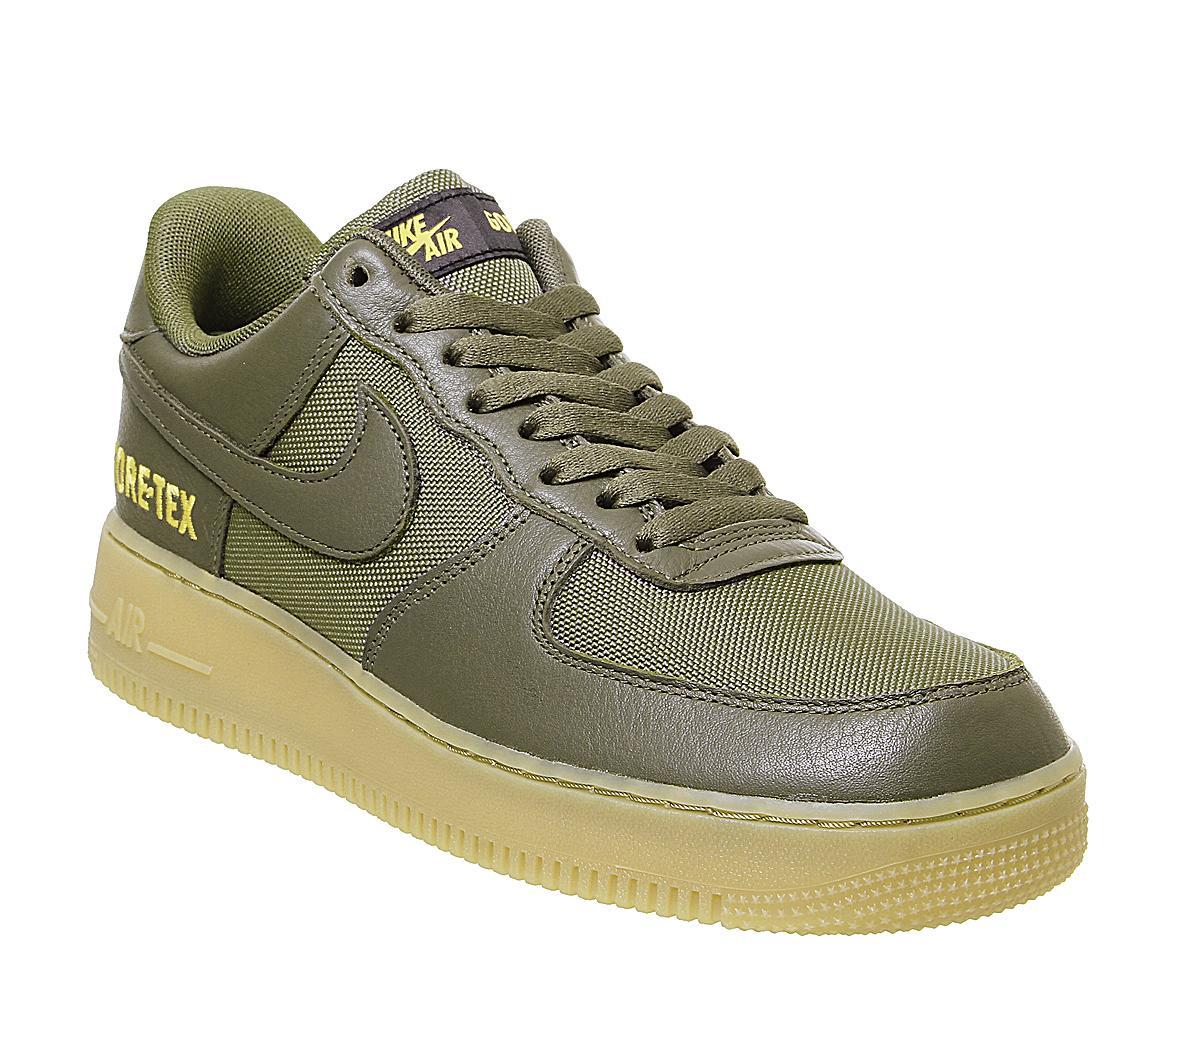 Nike Air Force 1 Gtx Trainers Medium